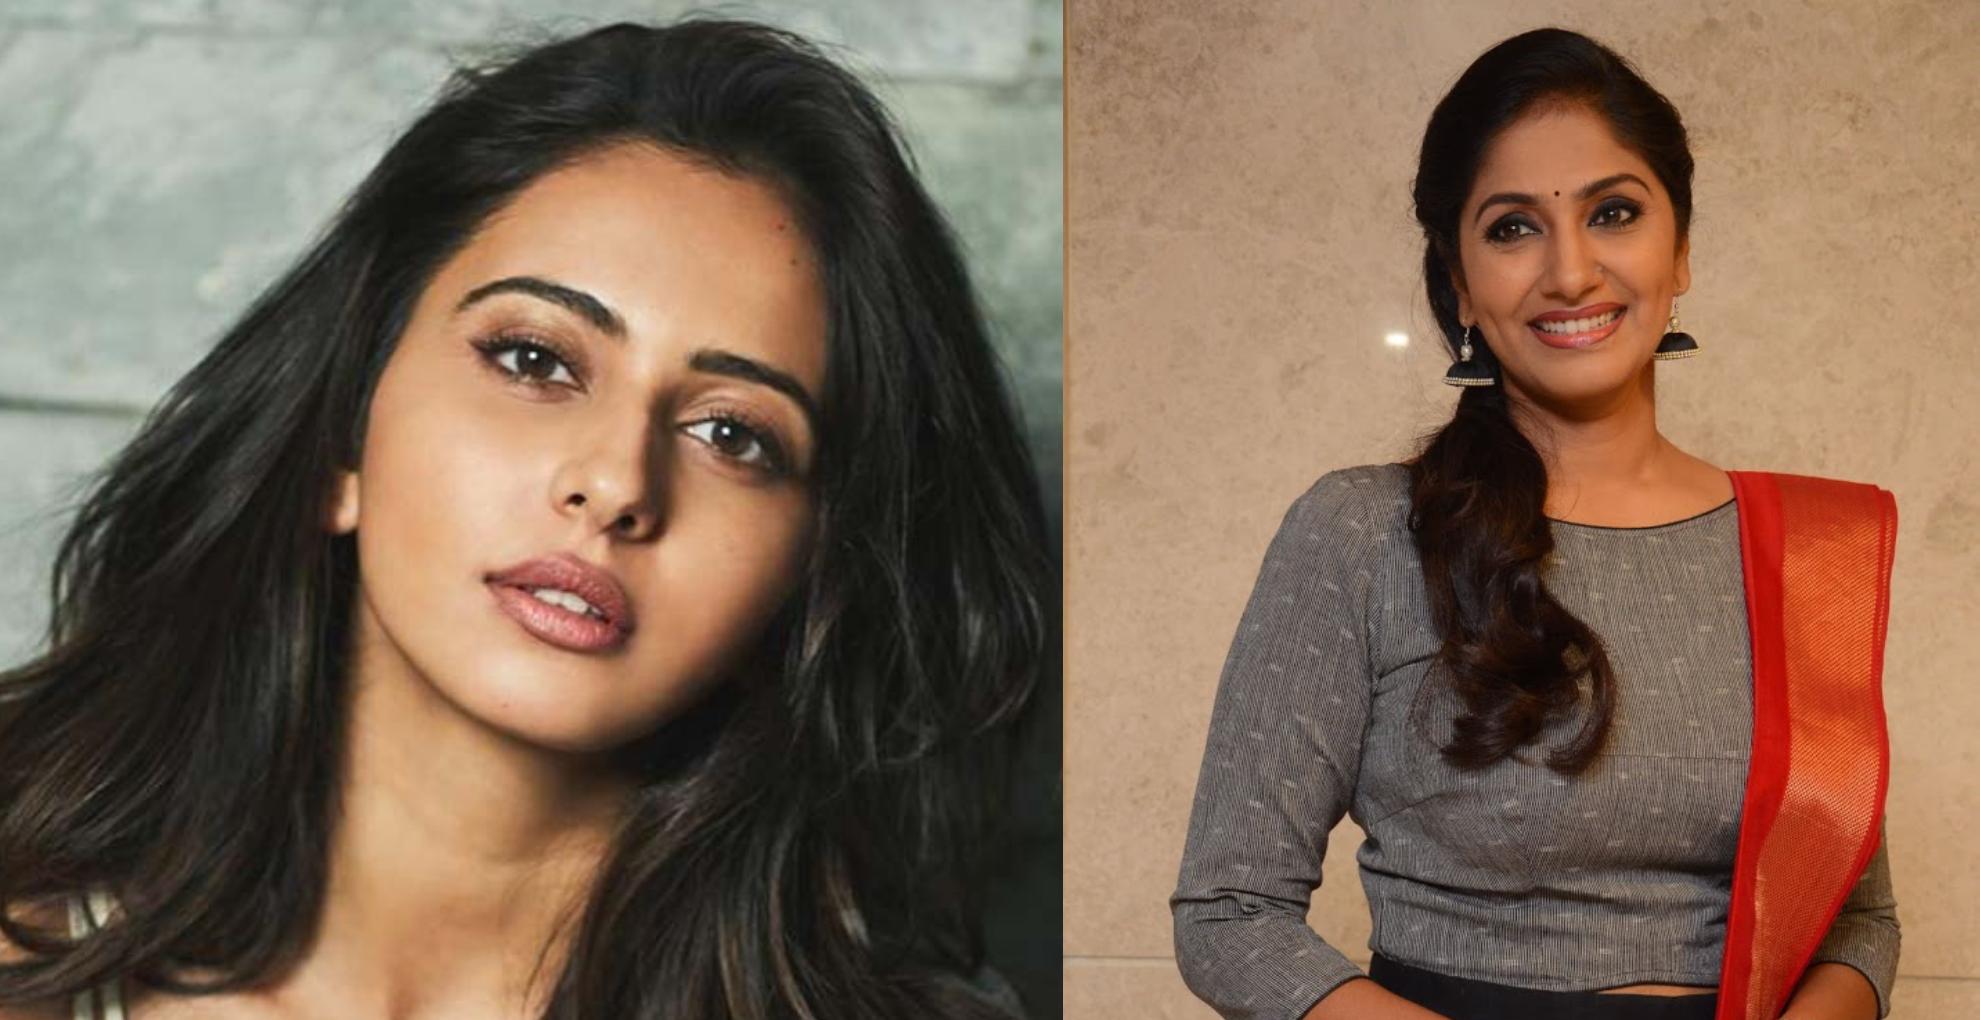 इस फिल्म में रकुल प्रीत सिंह और झांसी के बीच के किसिंग सीन पर सेंसर बोर्ड ने जताई आपत्ति, बदलाव का आदेश